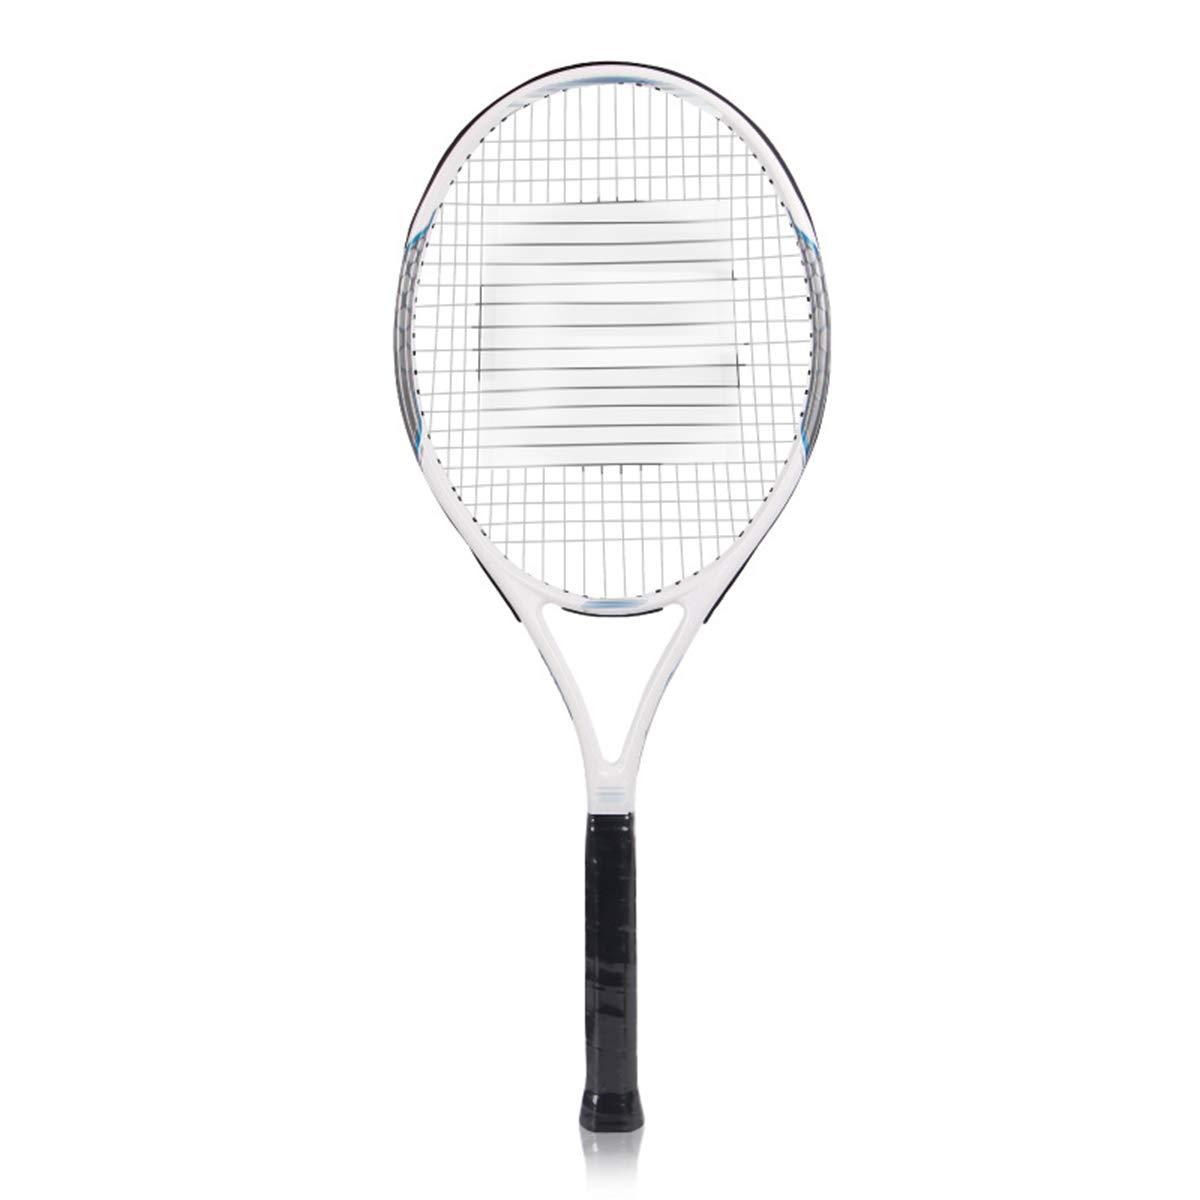 Raquette De Tennis Professionnel En Carbone De Haute Qualité Ultra-léger Composite Unisexe Jeu De Contact Raquette De Tennis